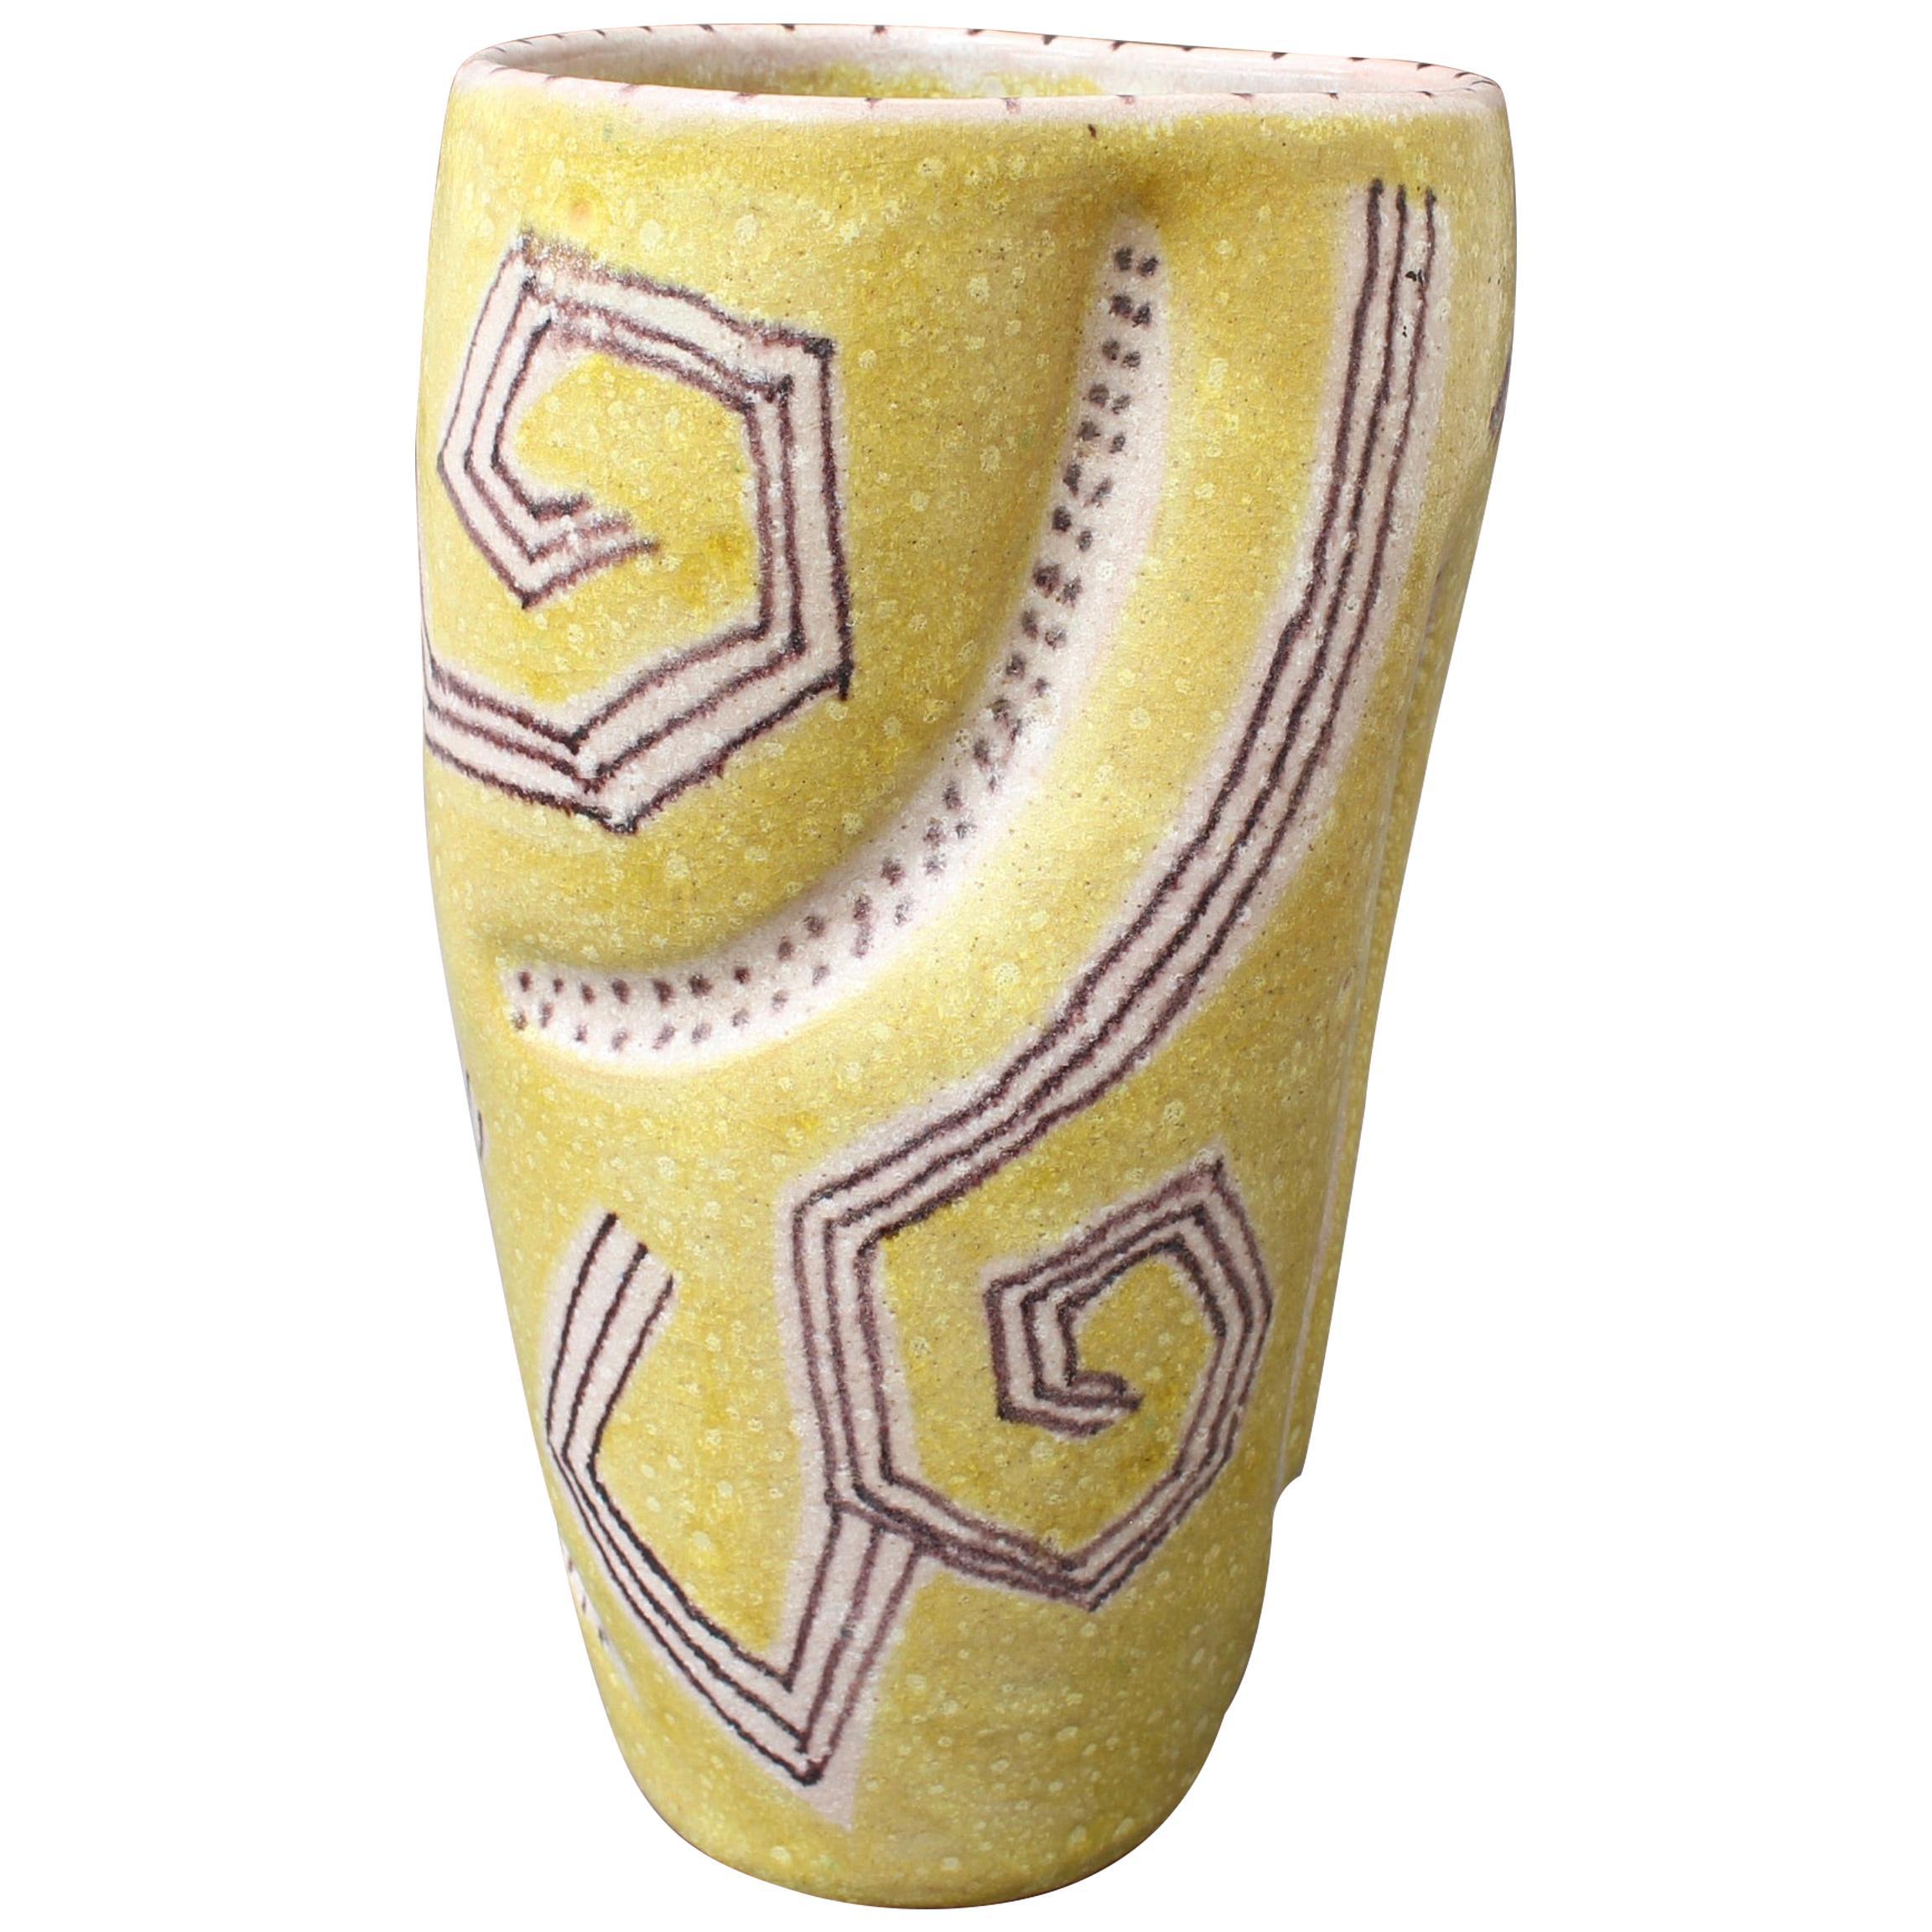 Midcentury Italian Ceramic Vase by Guido Gambone, circa 1950s